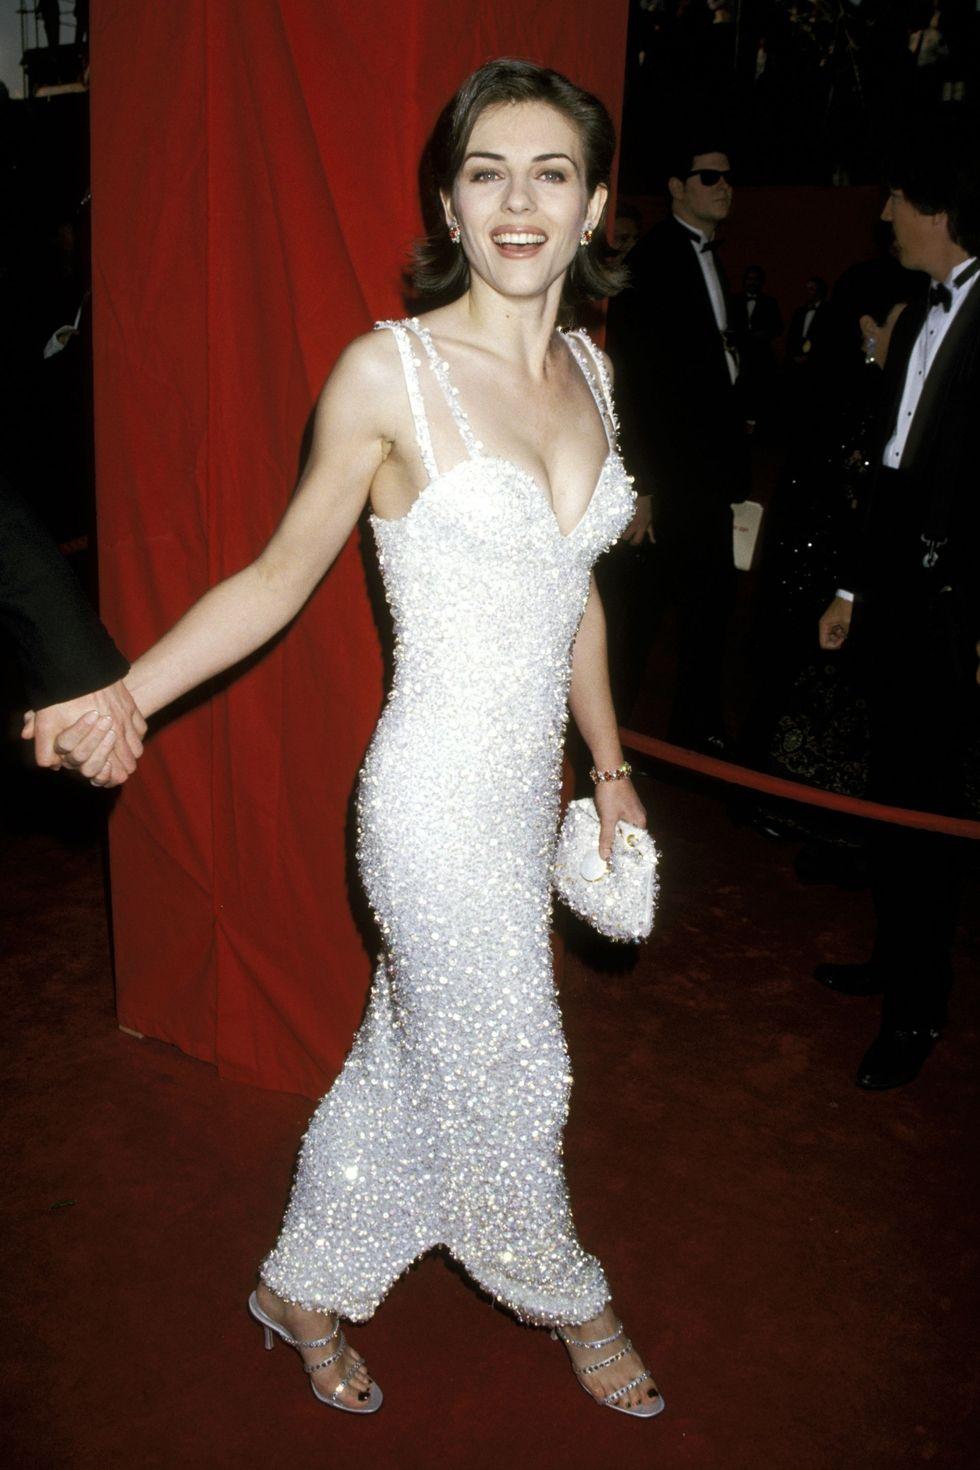 Элизабет Херли в длинном белом платье на тонких бретелях